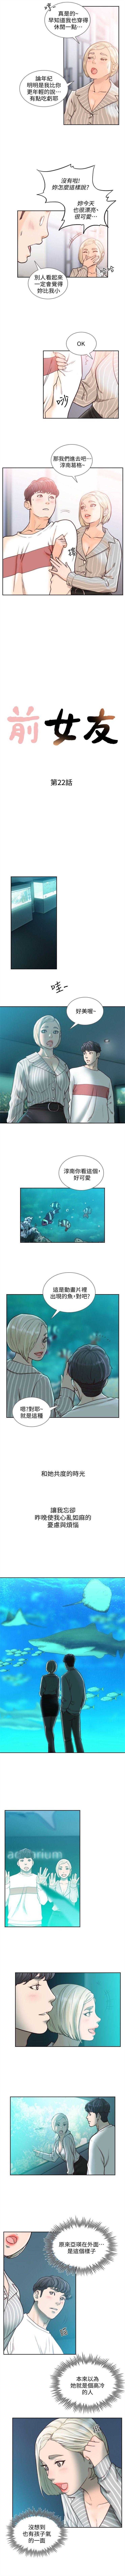 前女友 1-48 中文翻译(更新中) 113